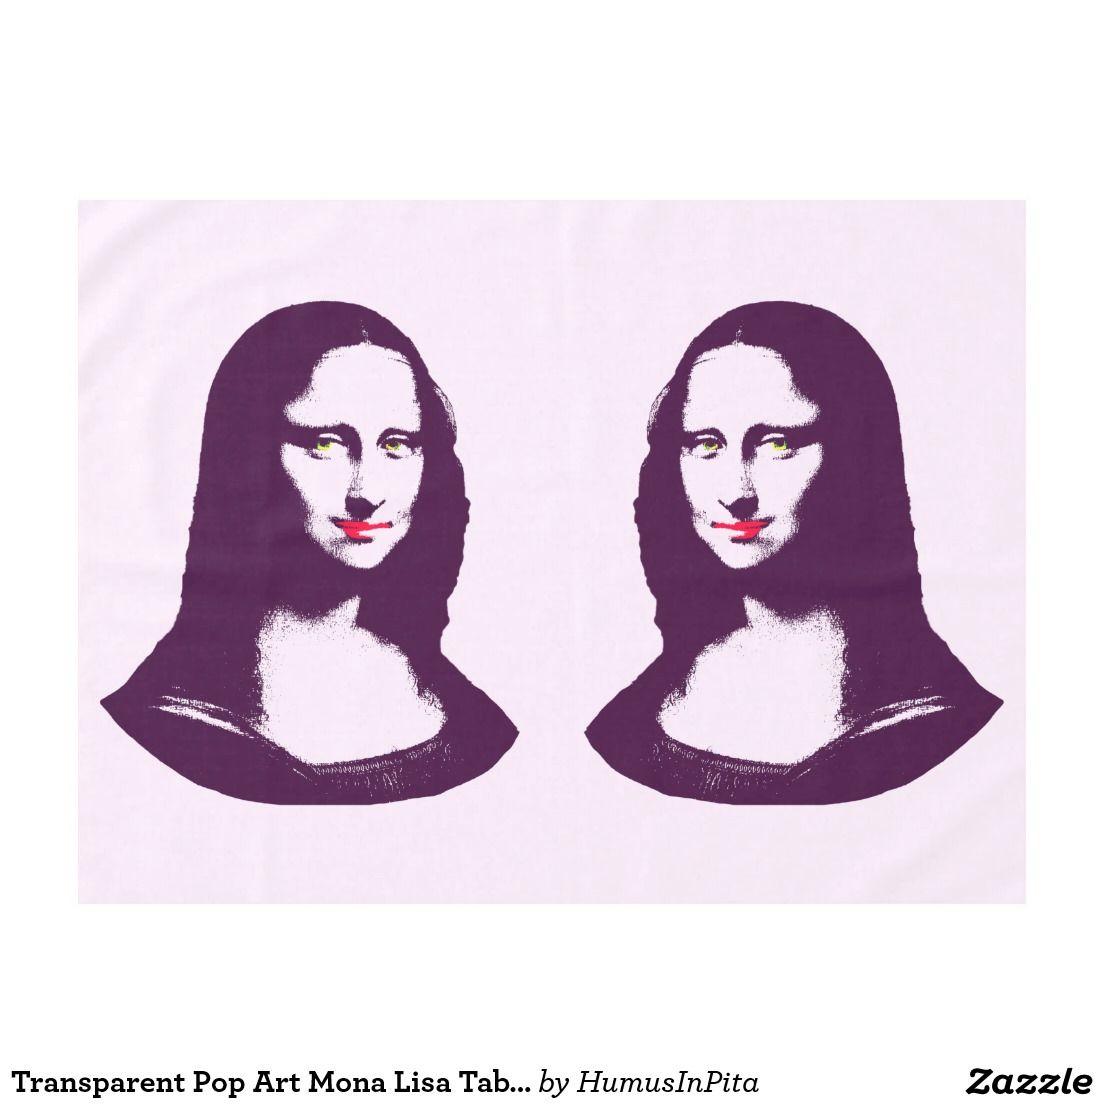 Transparent Pop Art Mona Lisa Tablecloth